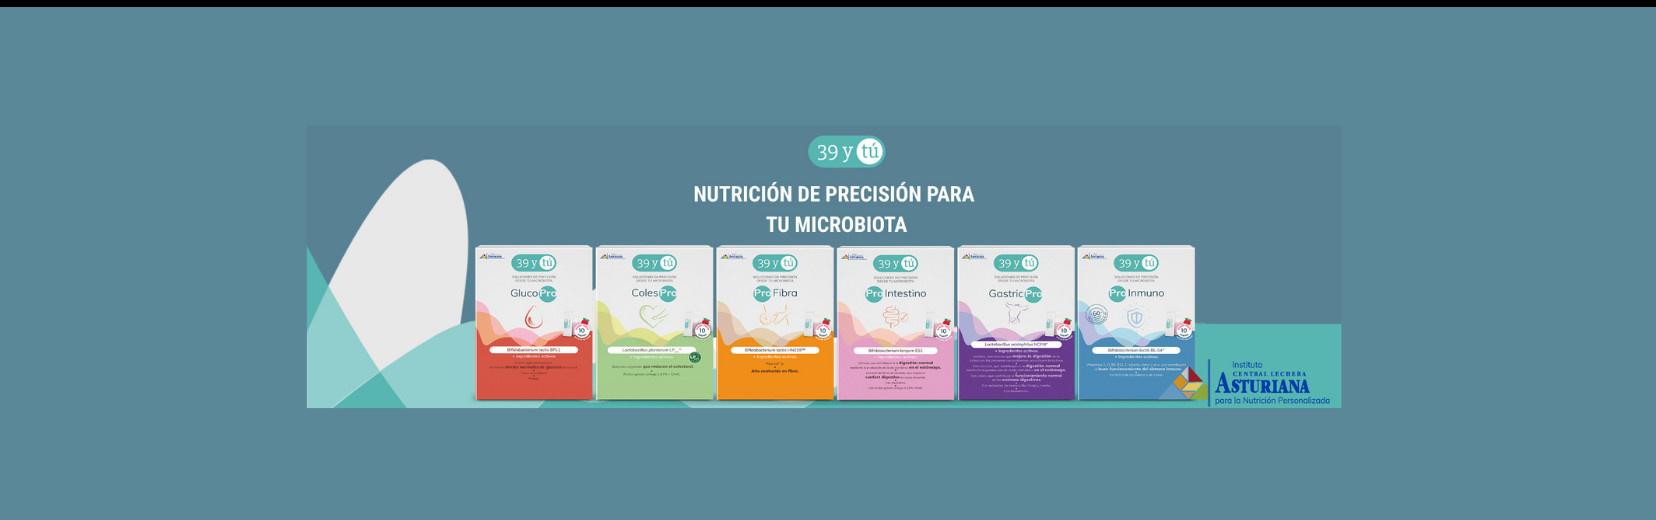 Soluciones probióticas de 39ytú